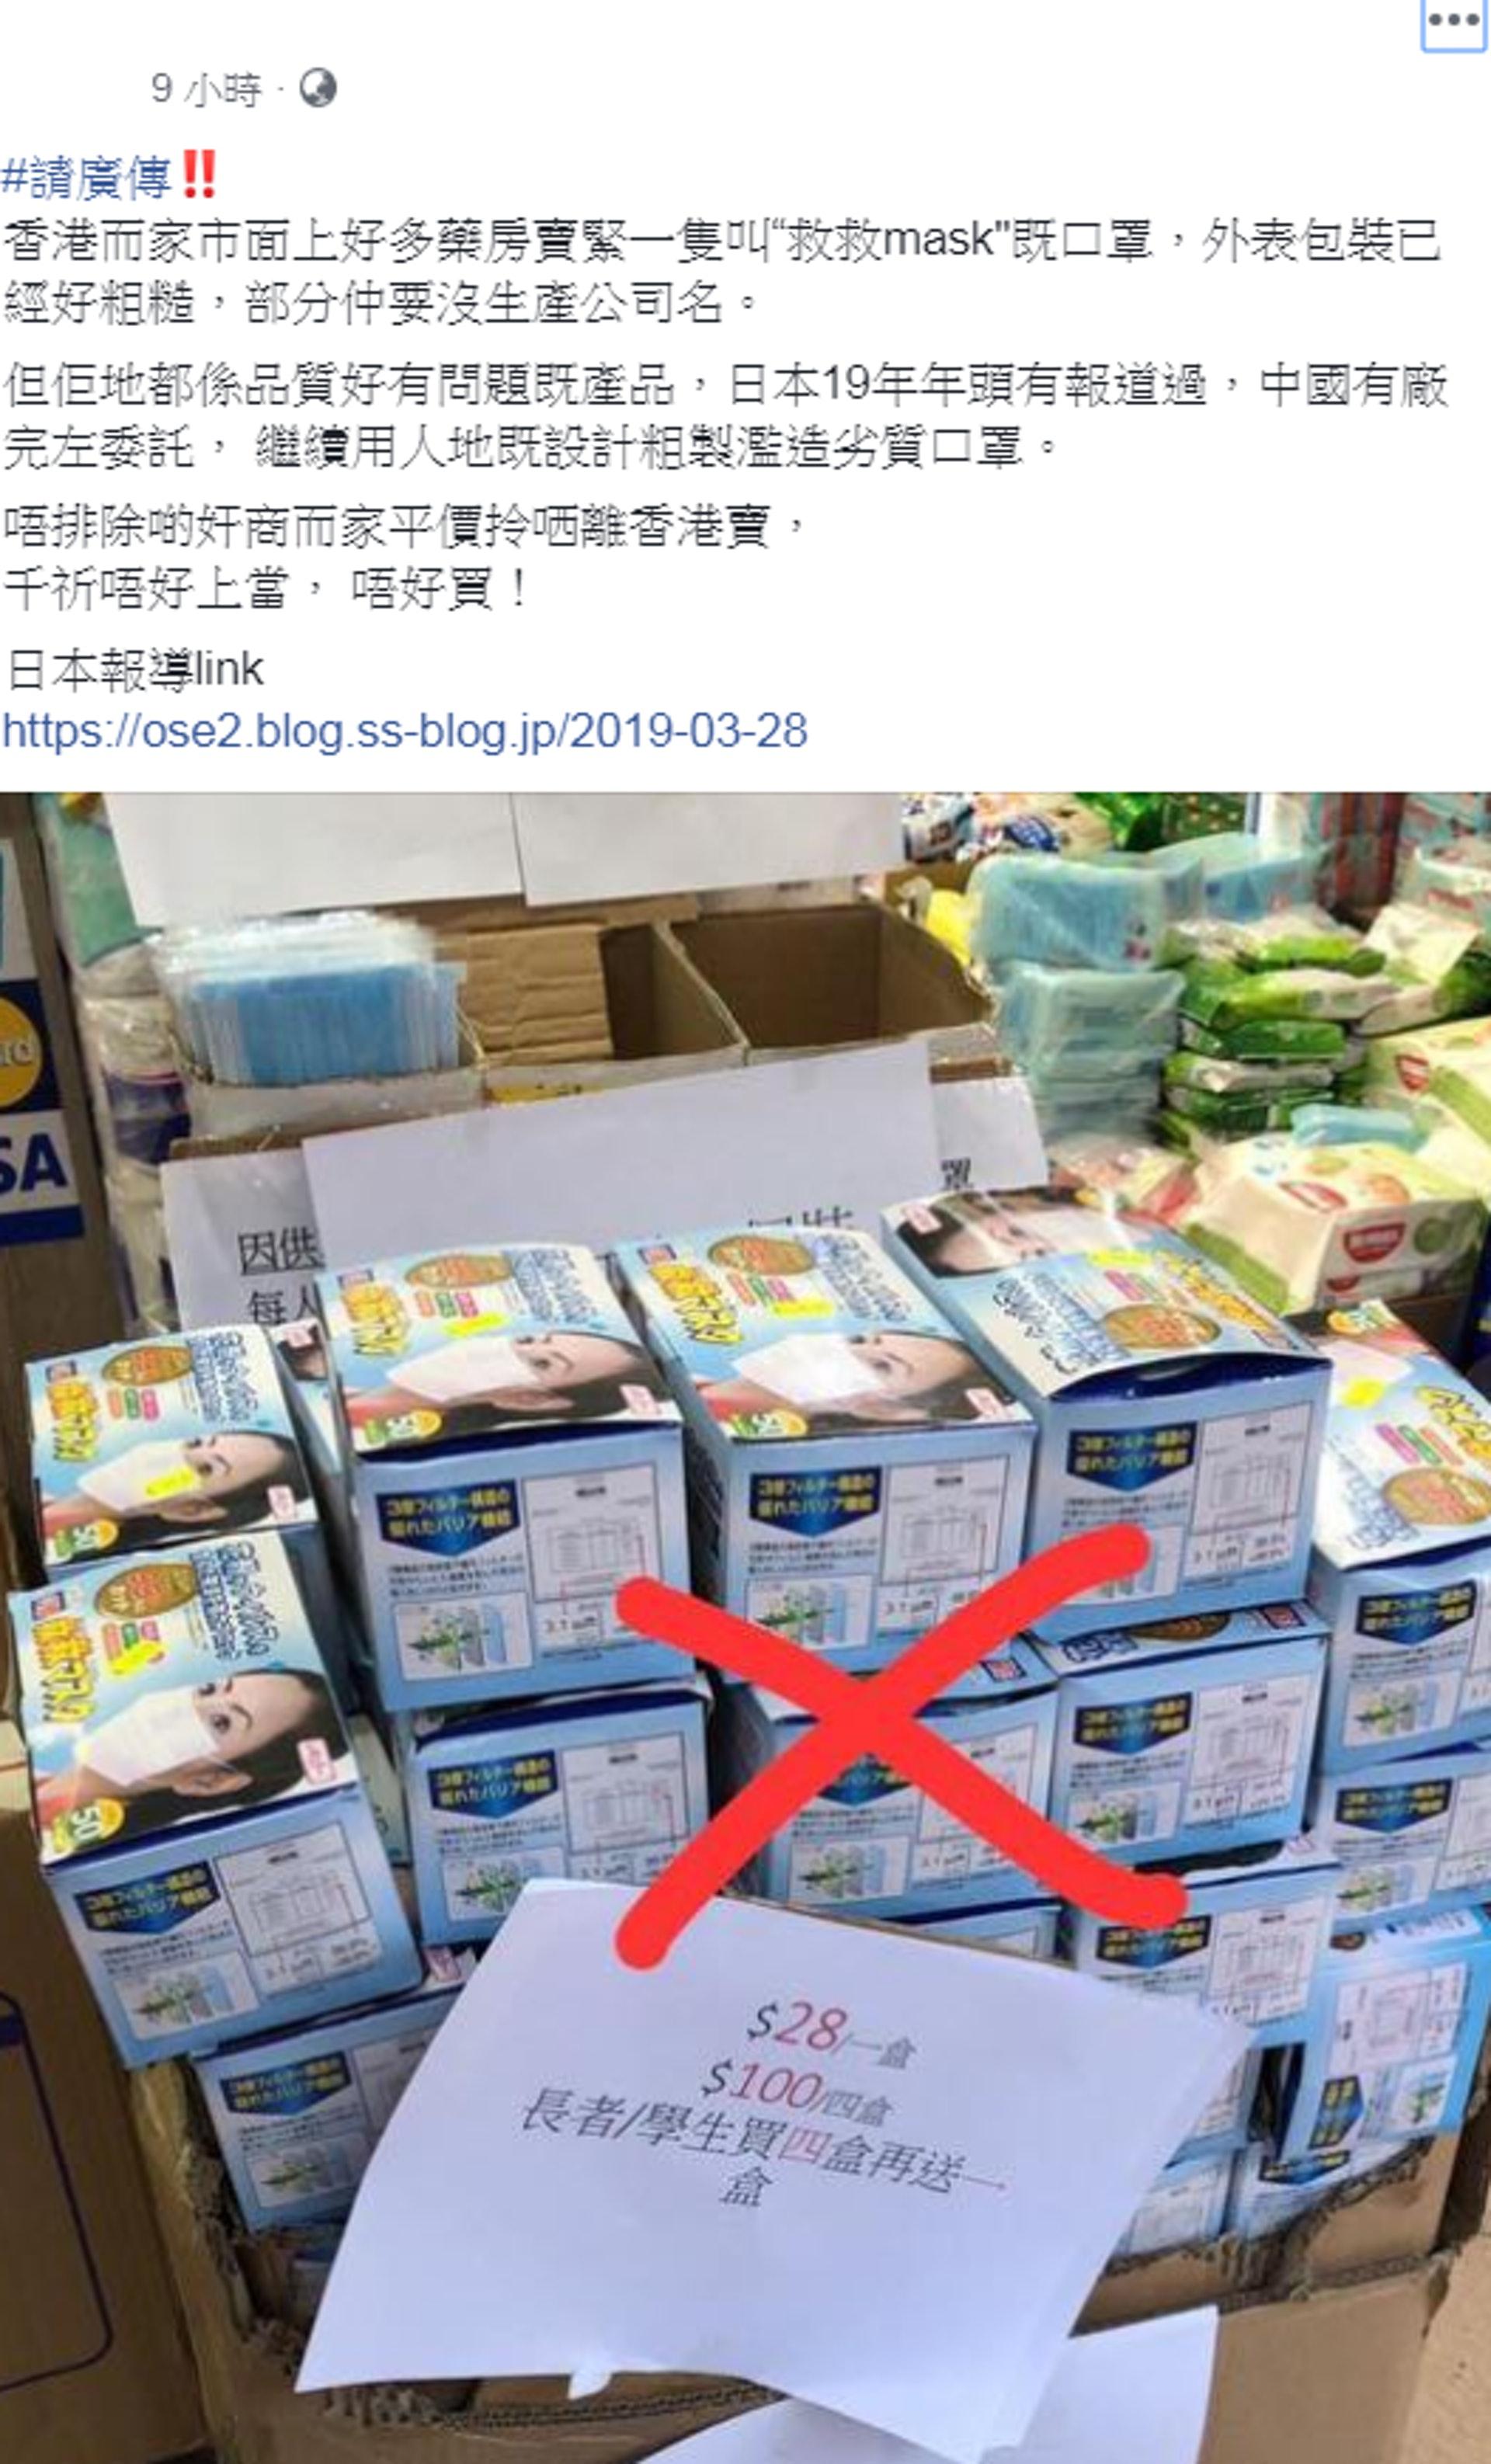 網上傳出多款寫上「救救Mask」的口罩為中國製造,又引述日本消息指,生產該款口罩的工廠在完成日本委託的訂單後,再出產多款品質欠佳的仿冒製品,懷疑其未能有效防菌。(網上截圖)